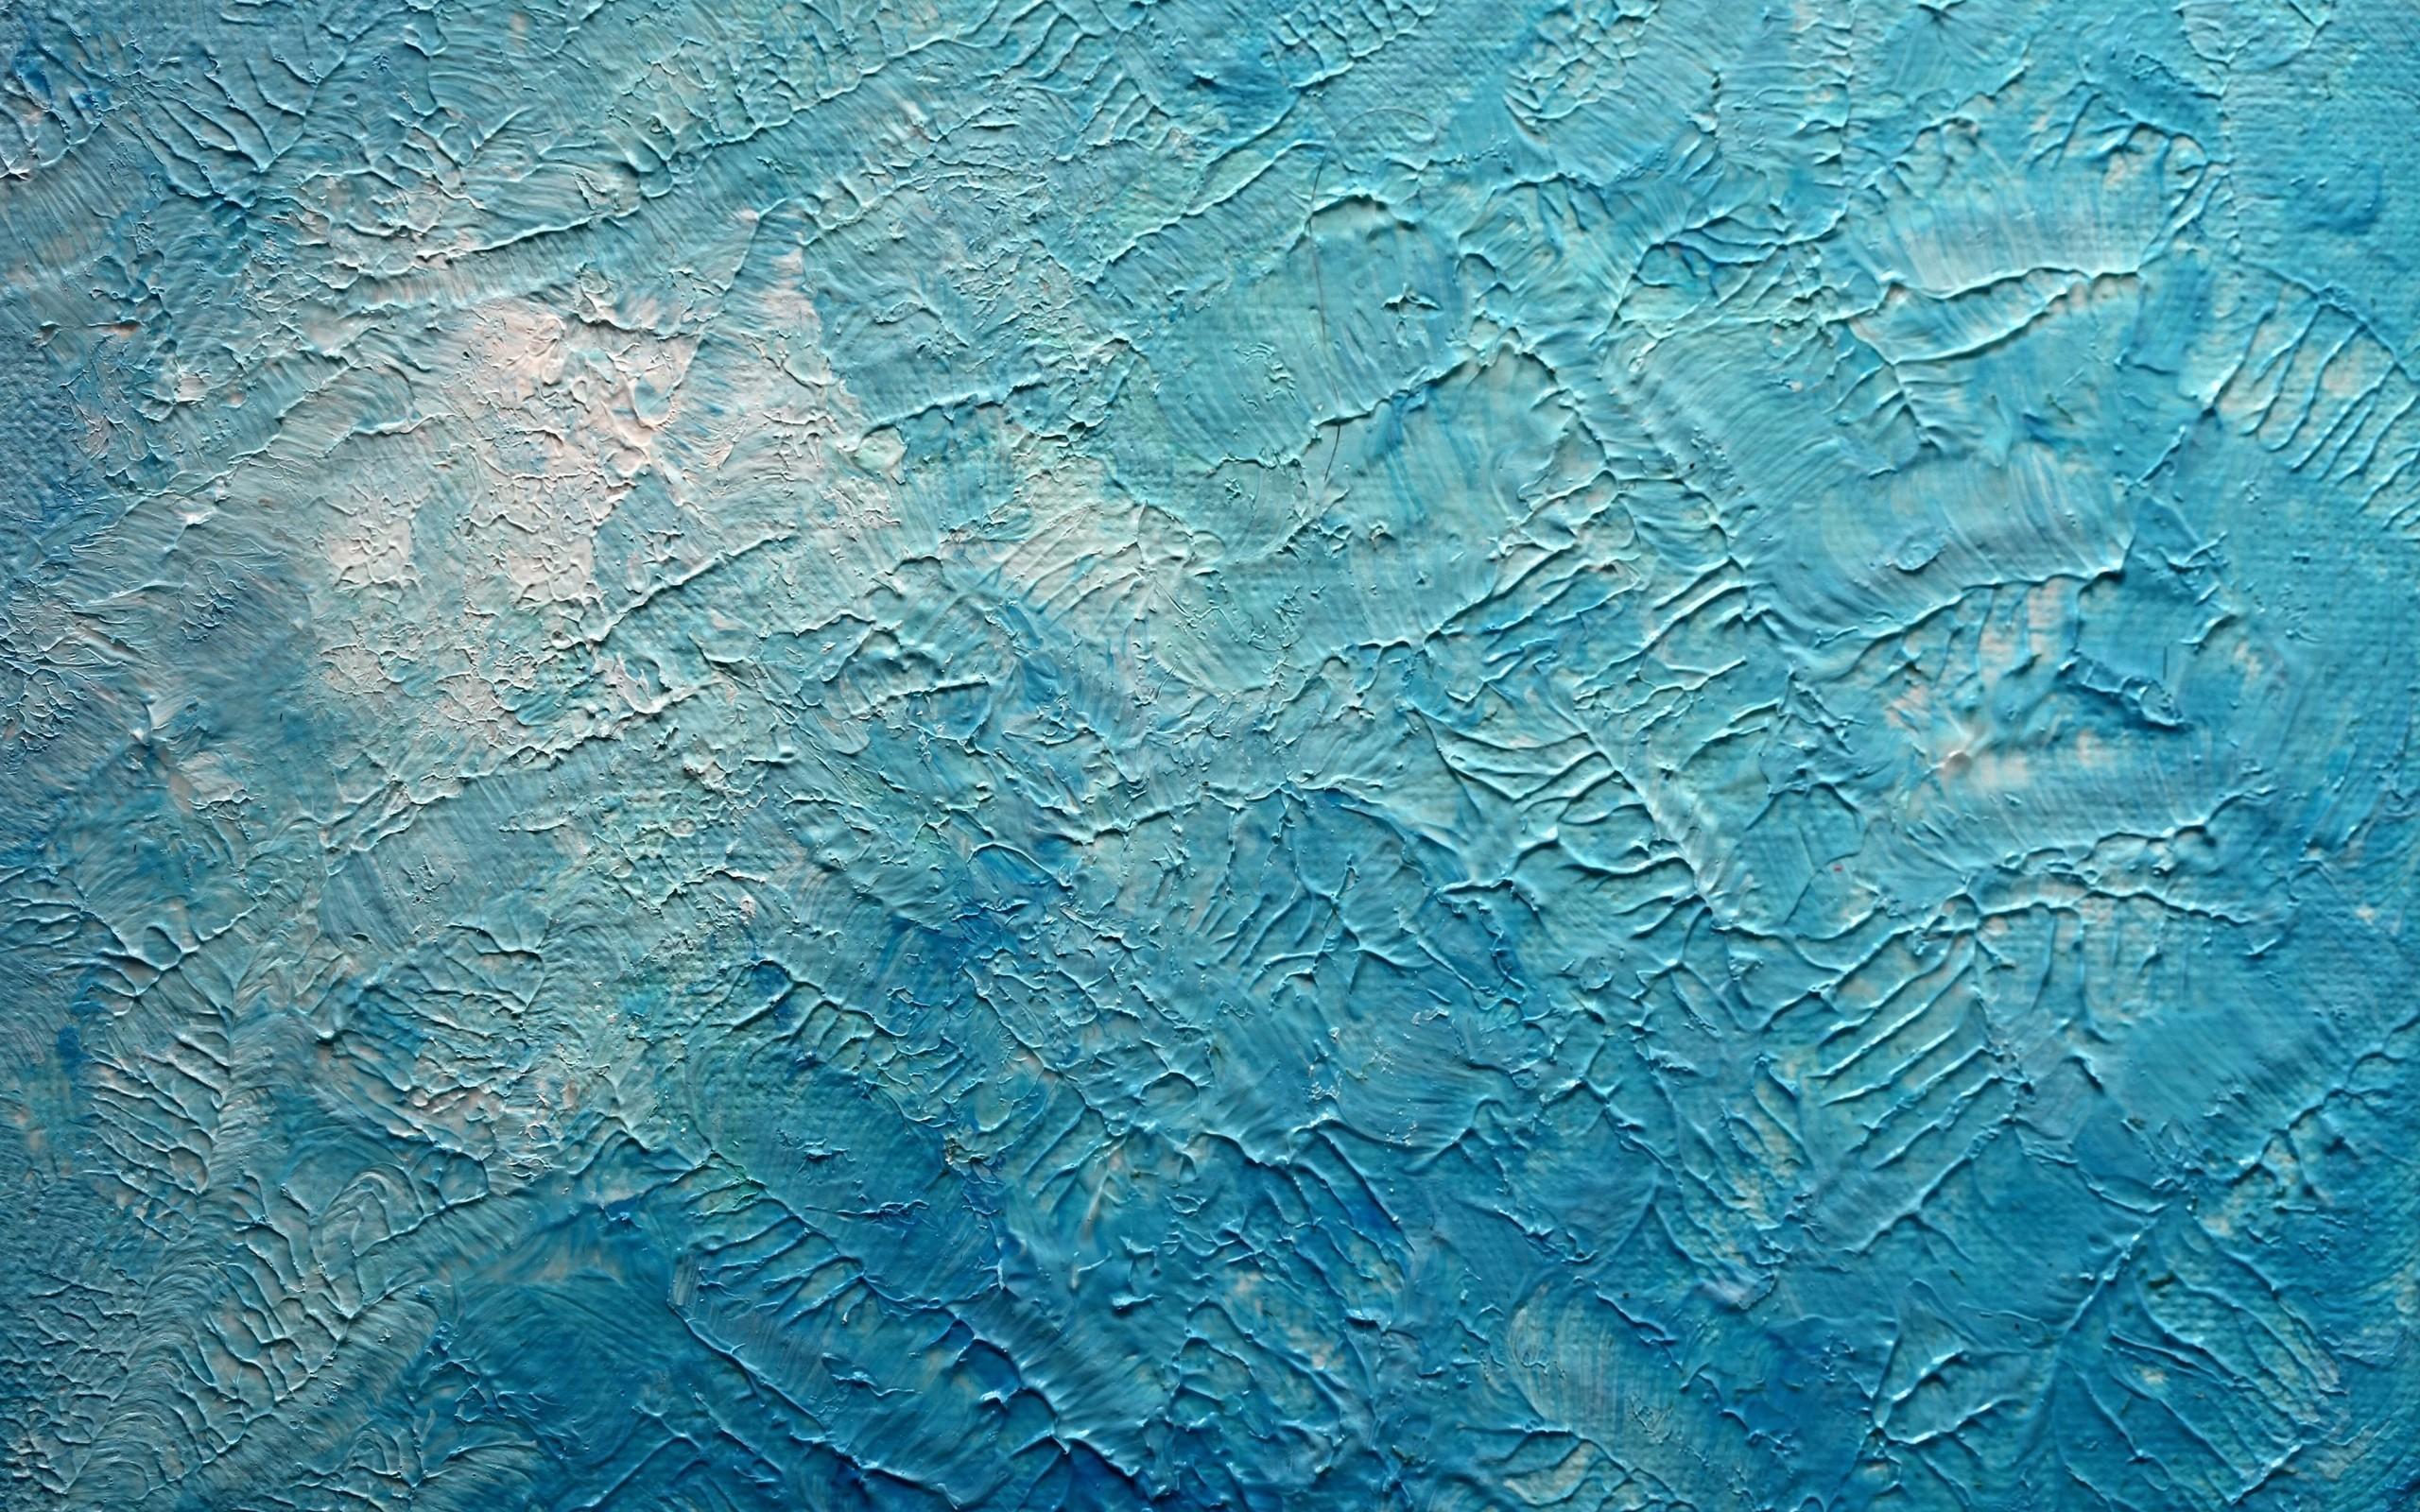 Blue wall textures wallpaper 2560x1600 11472 WallpaperUP 2560x1600